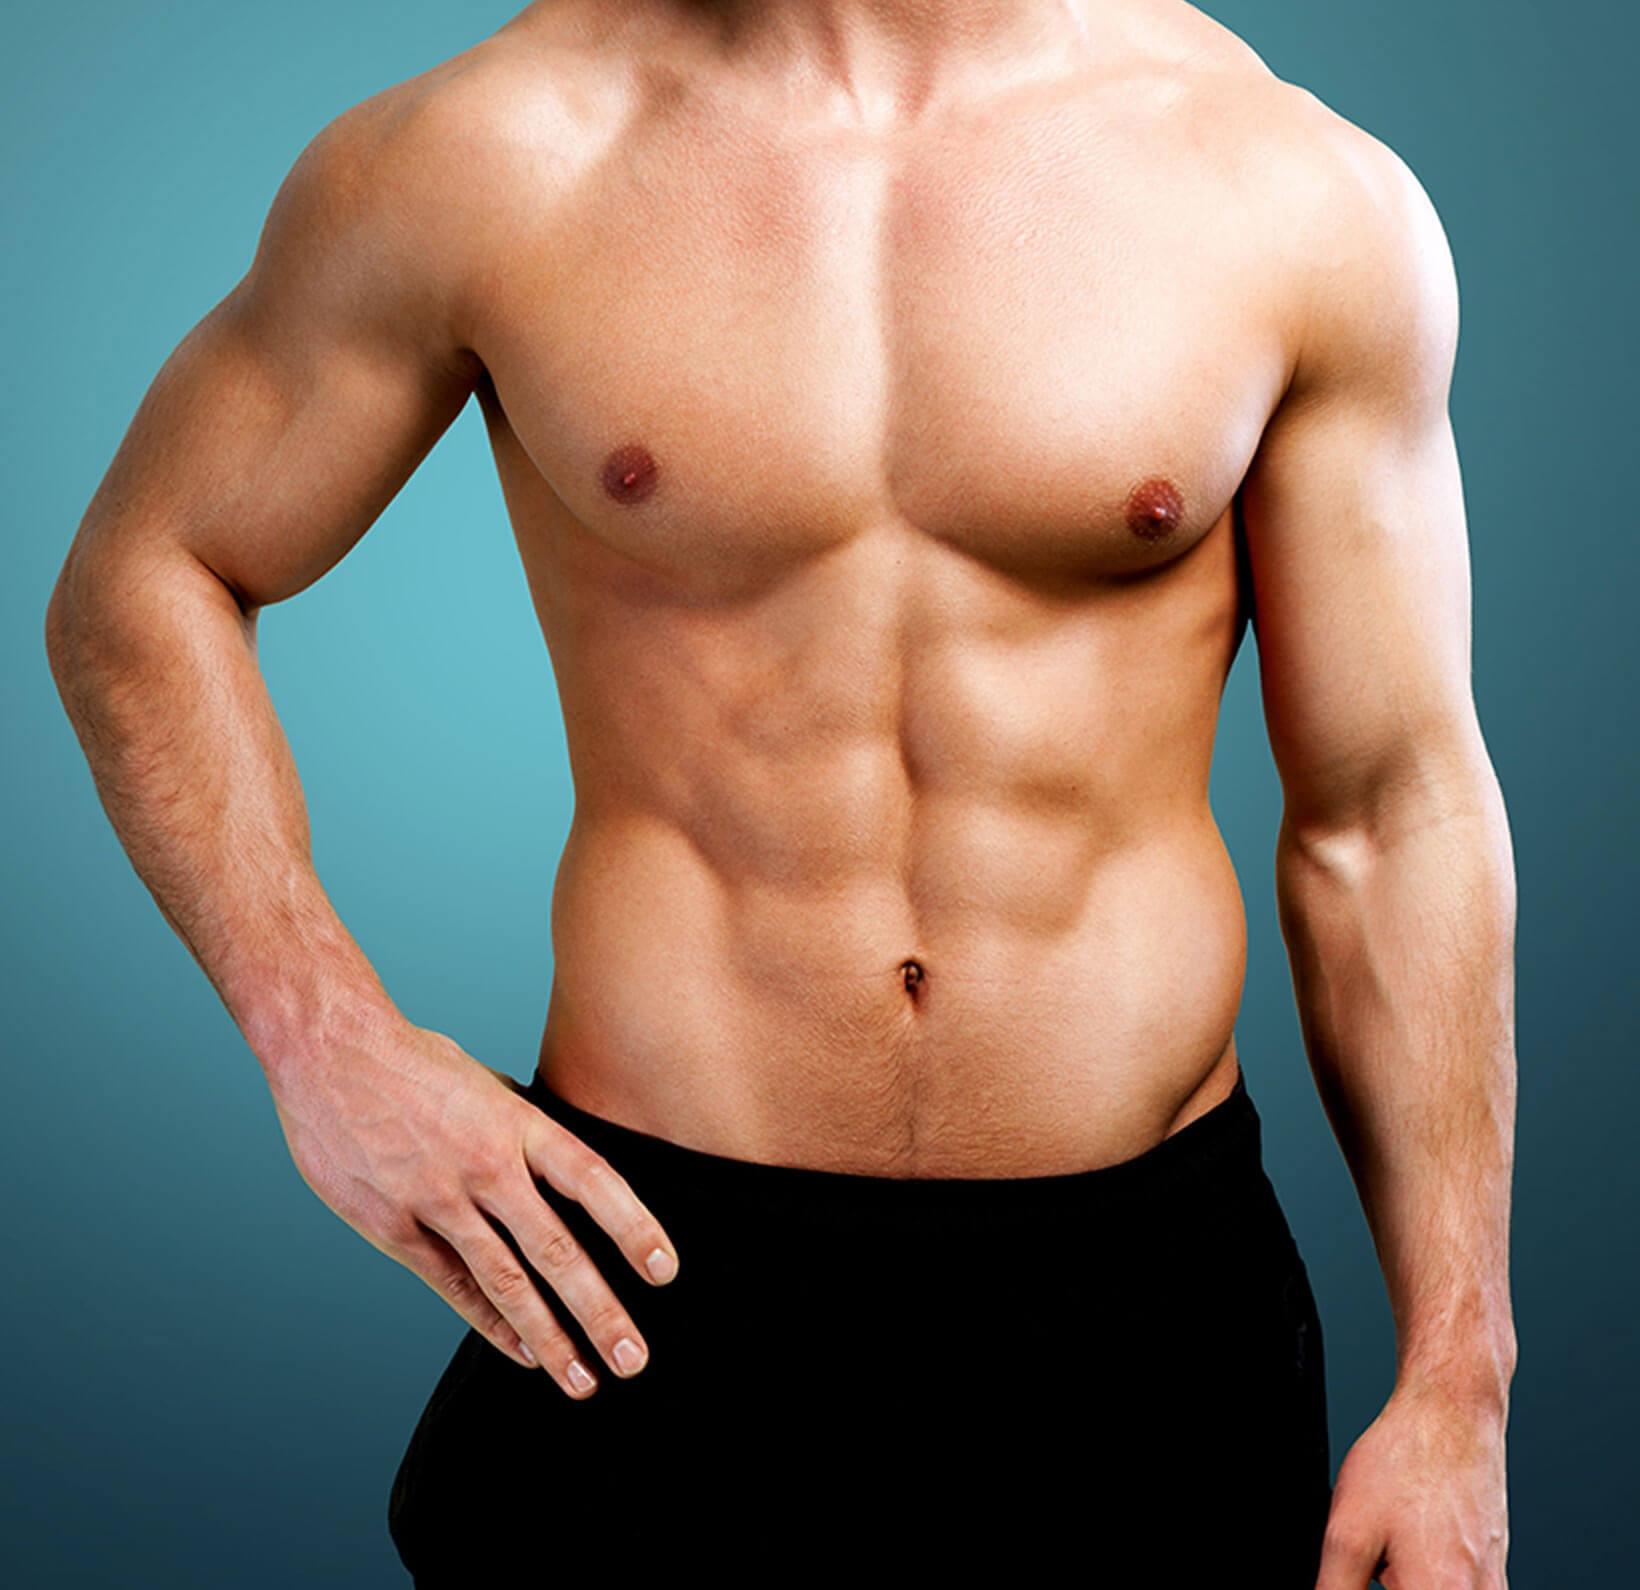 Schönheitschirurgie - definierter Körper